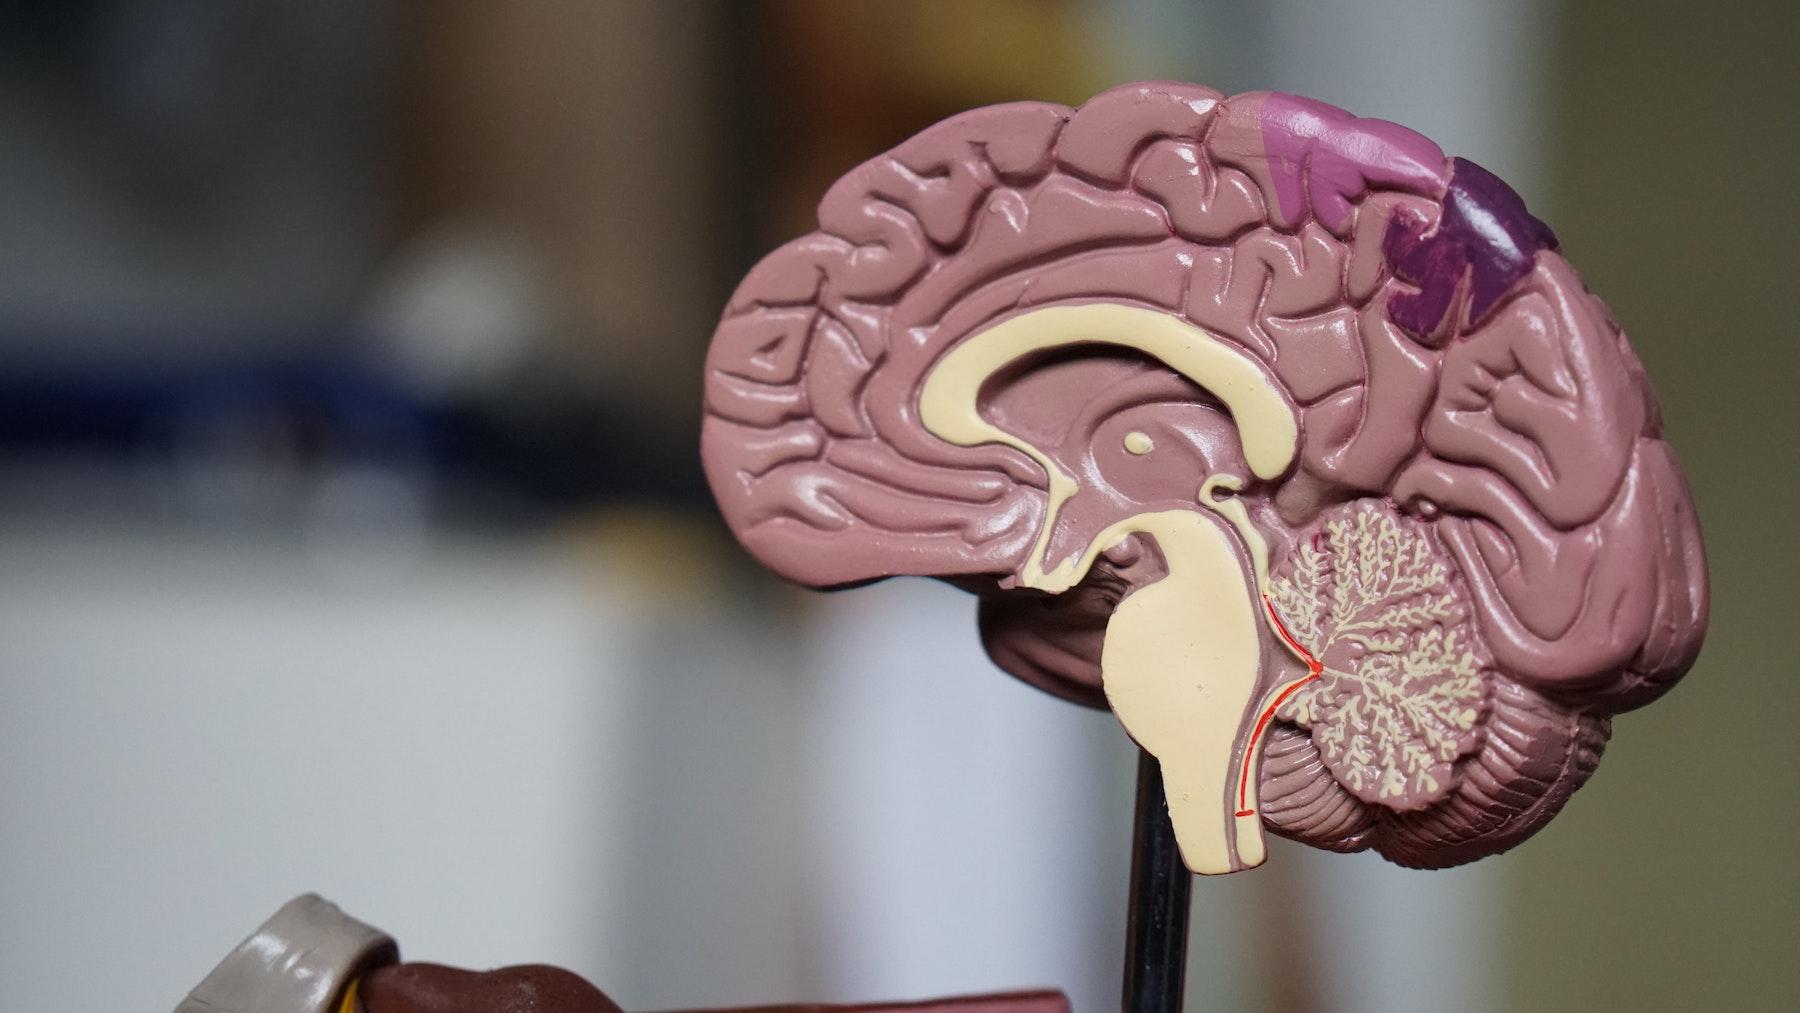 Hjerneskader kan erhvervet eller medfødte. Læs mere i bloggen